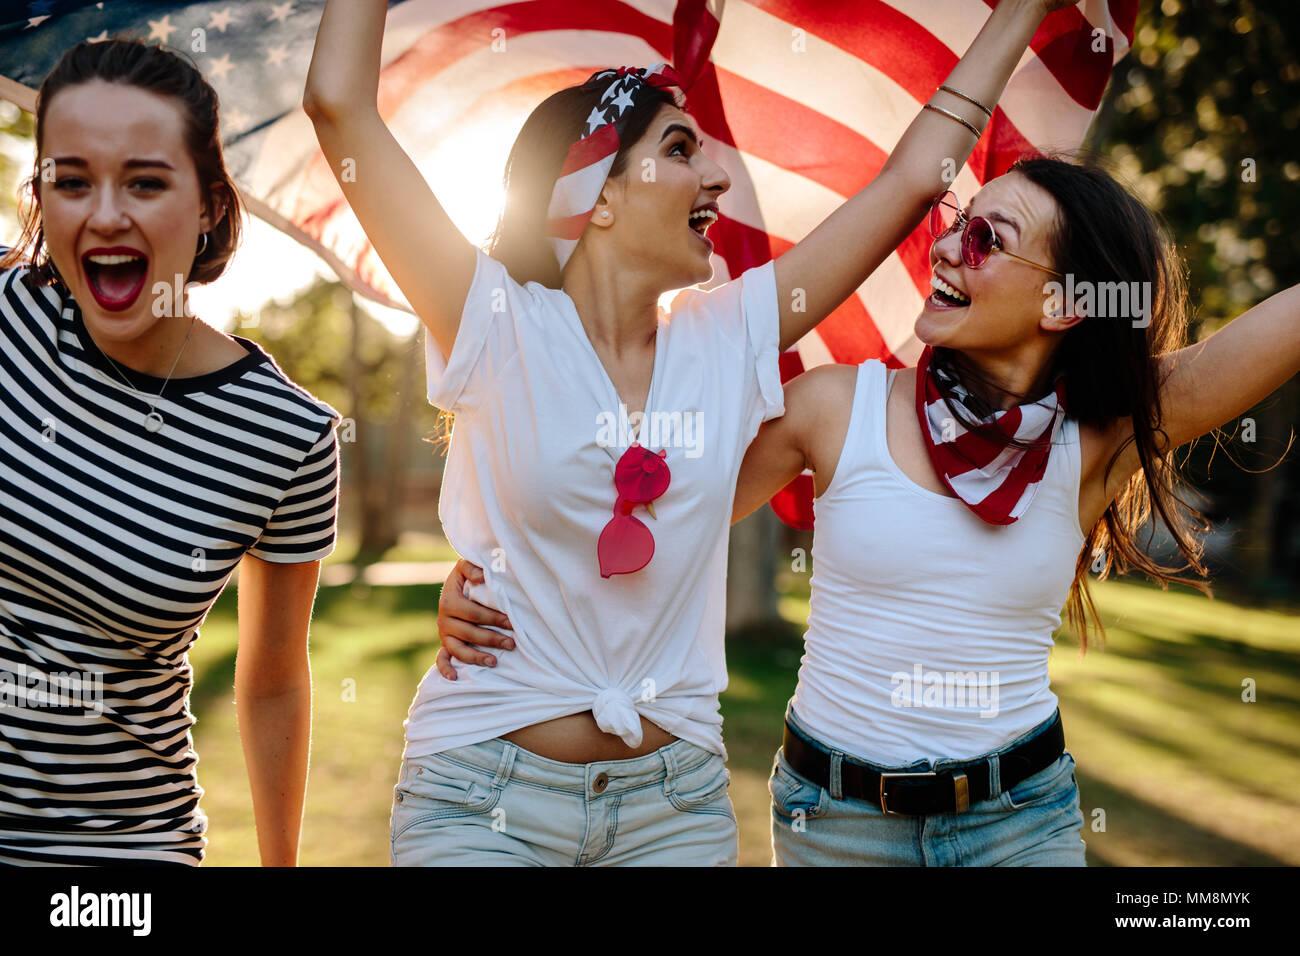 Trois jeunes amis féminins avec le drapeau américain s'amuser dans le parc. Smiling groupe de femmes célébrant le 4 juillet à l'extérieur. Photo Stock